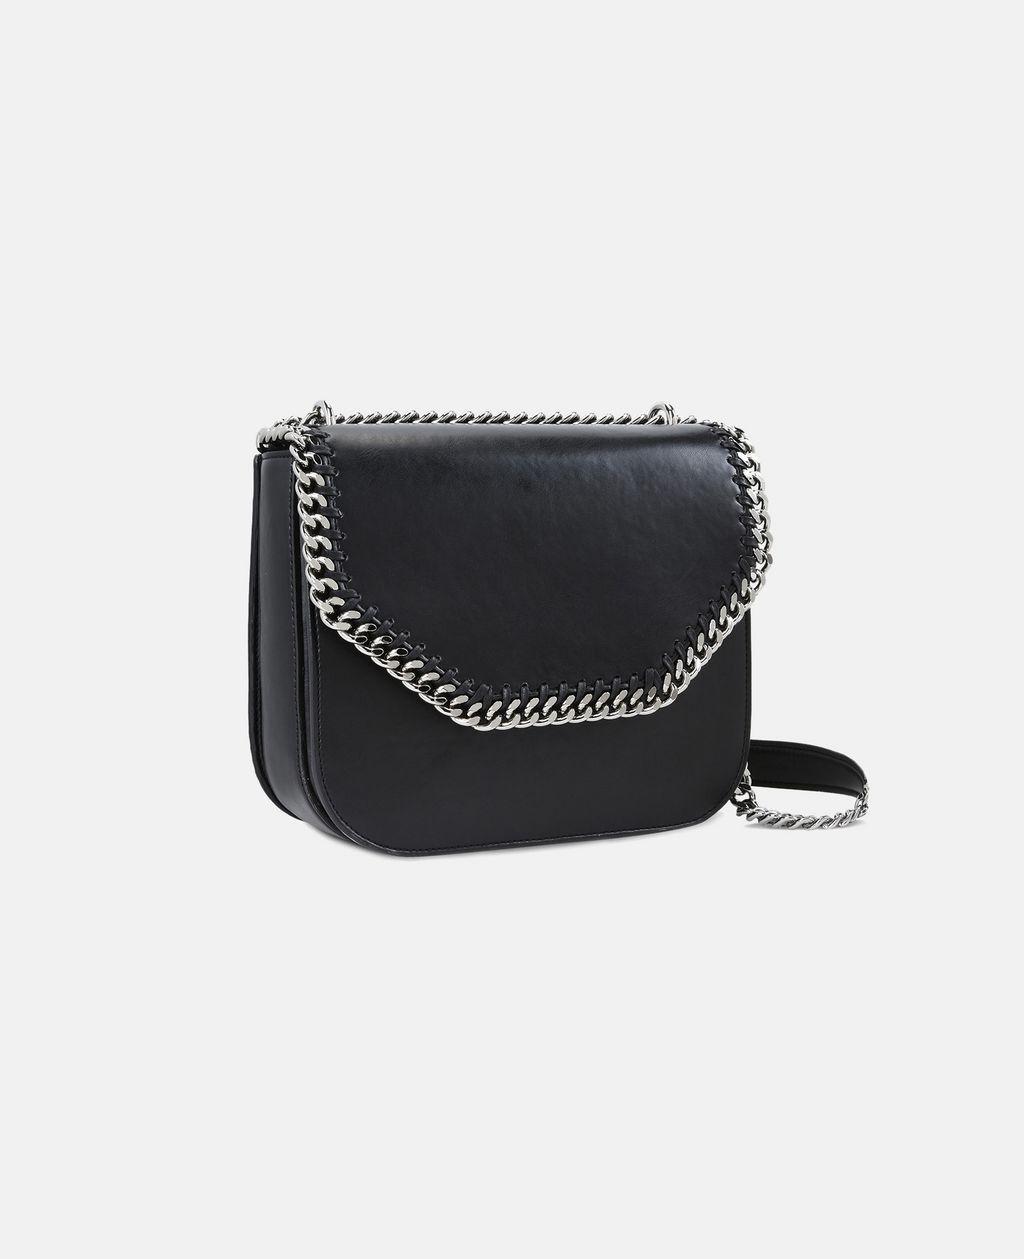 ab2514b3f0 Stella Mccartney Black Falabella Box Shoulder Bag - Onesize ...